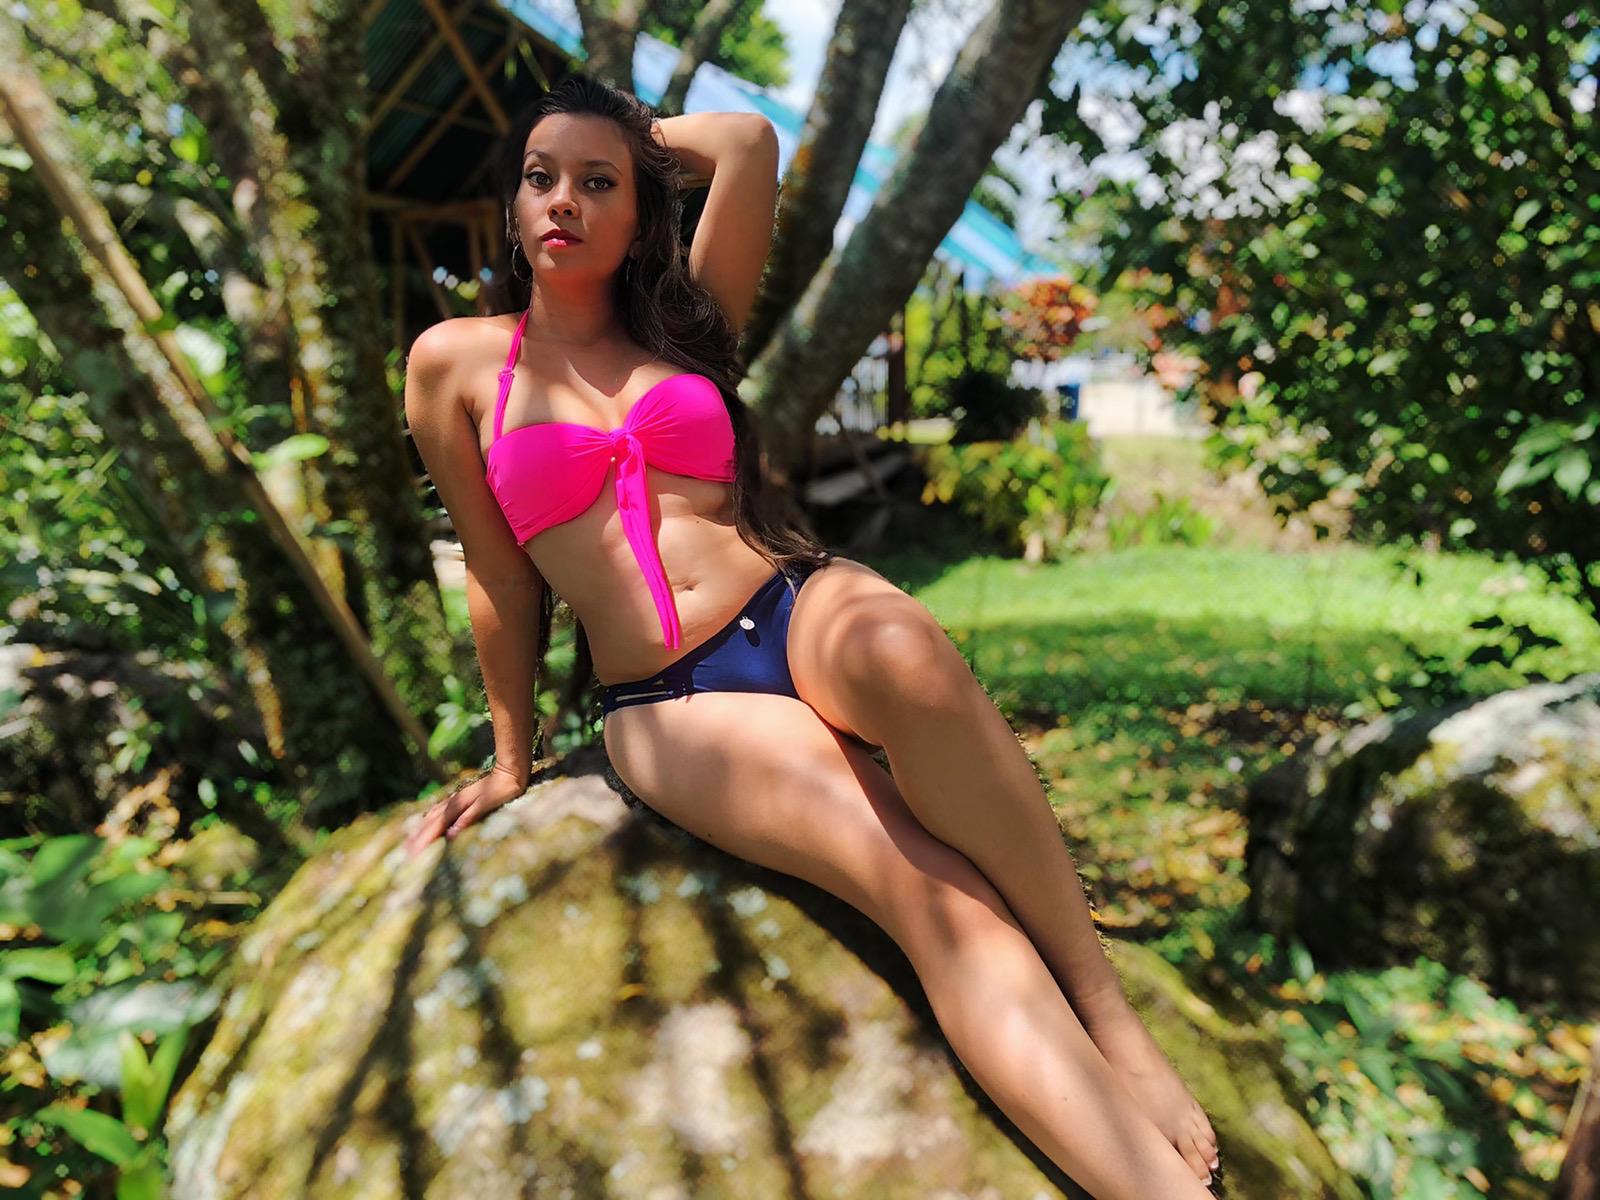 Paula in haar roze slipje op Topless Maandag